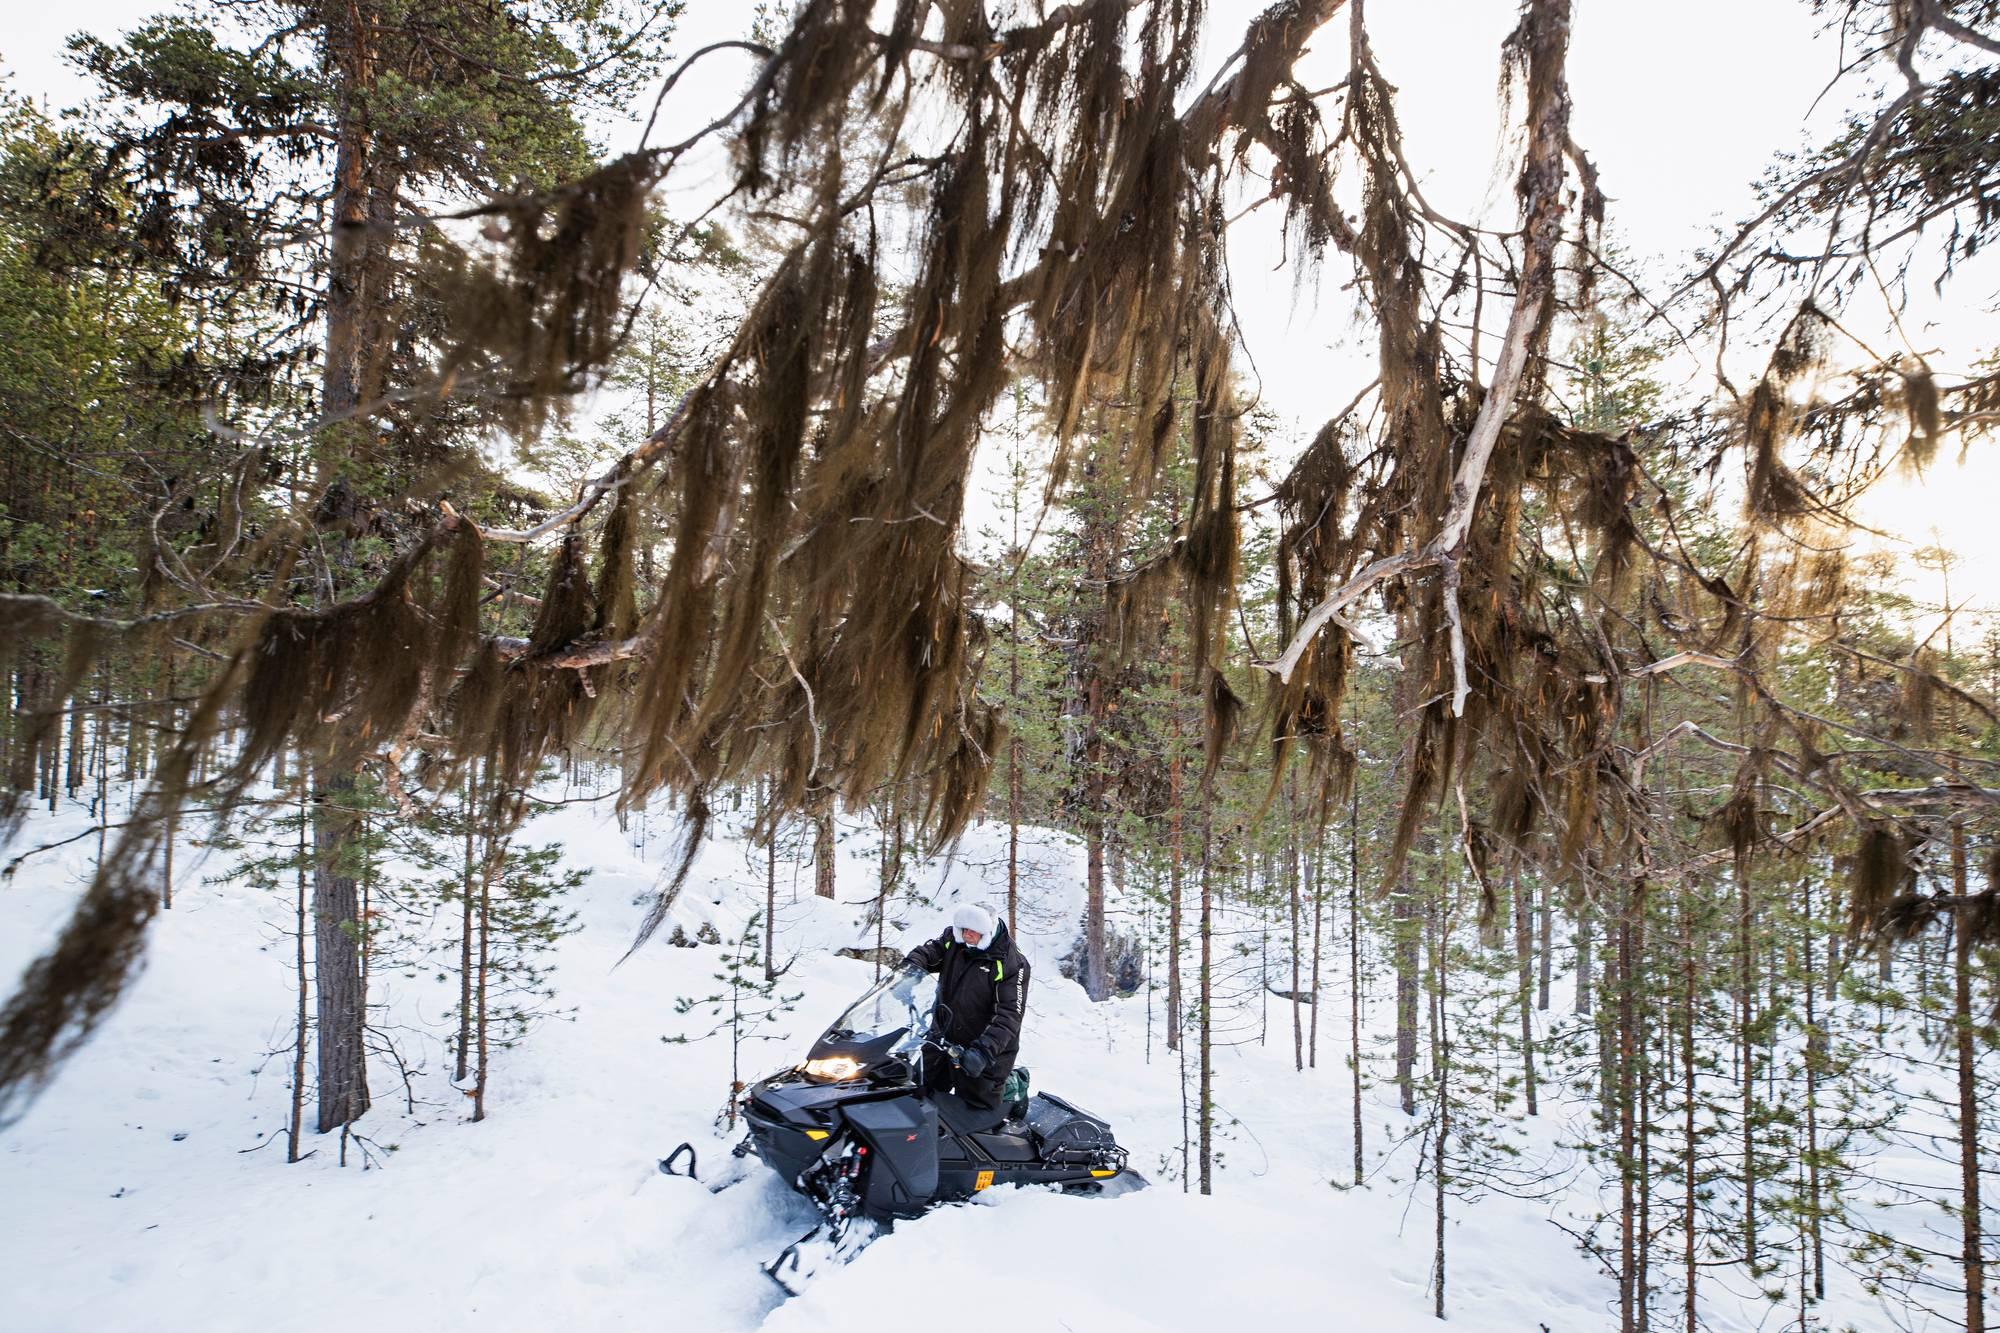 Leo Aikio ajaa moottorikelkalla kivistä rinnettä ylös Kaapin-Matin vaaralle.